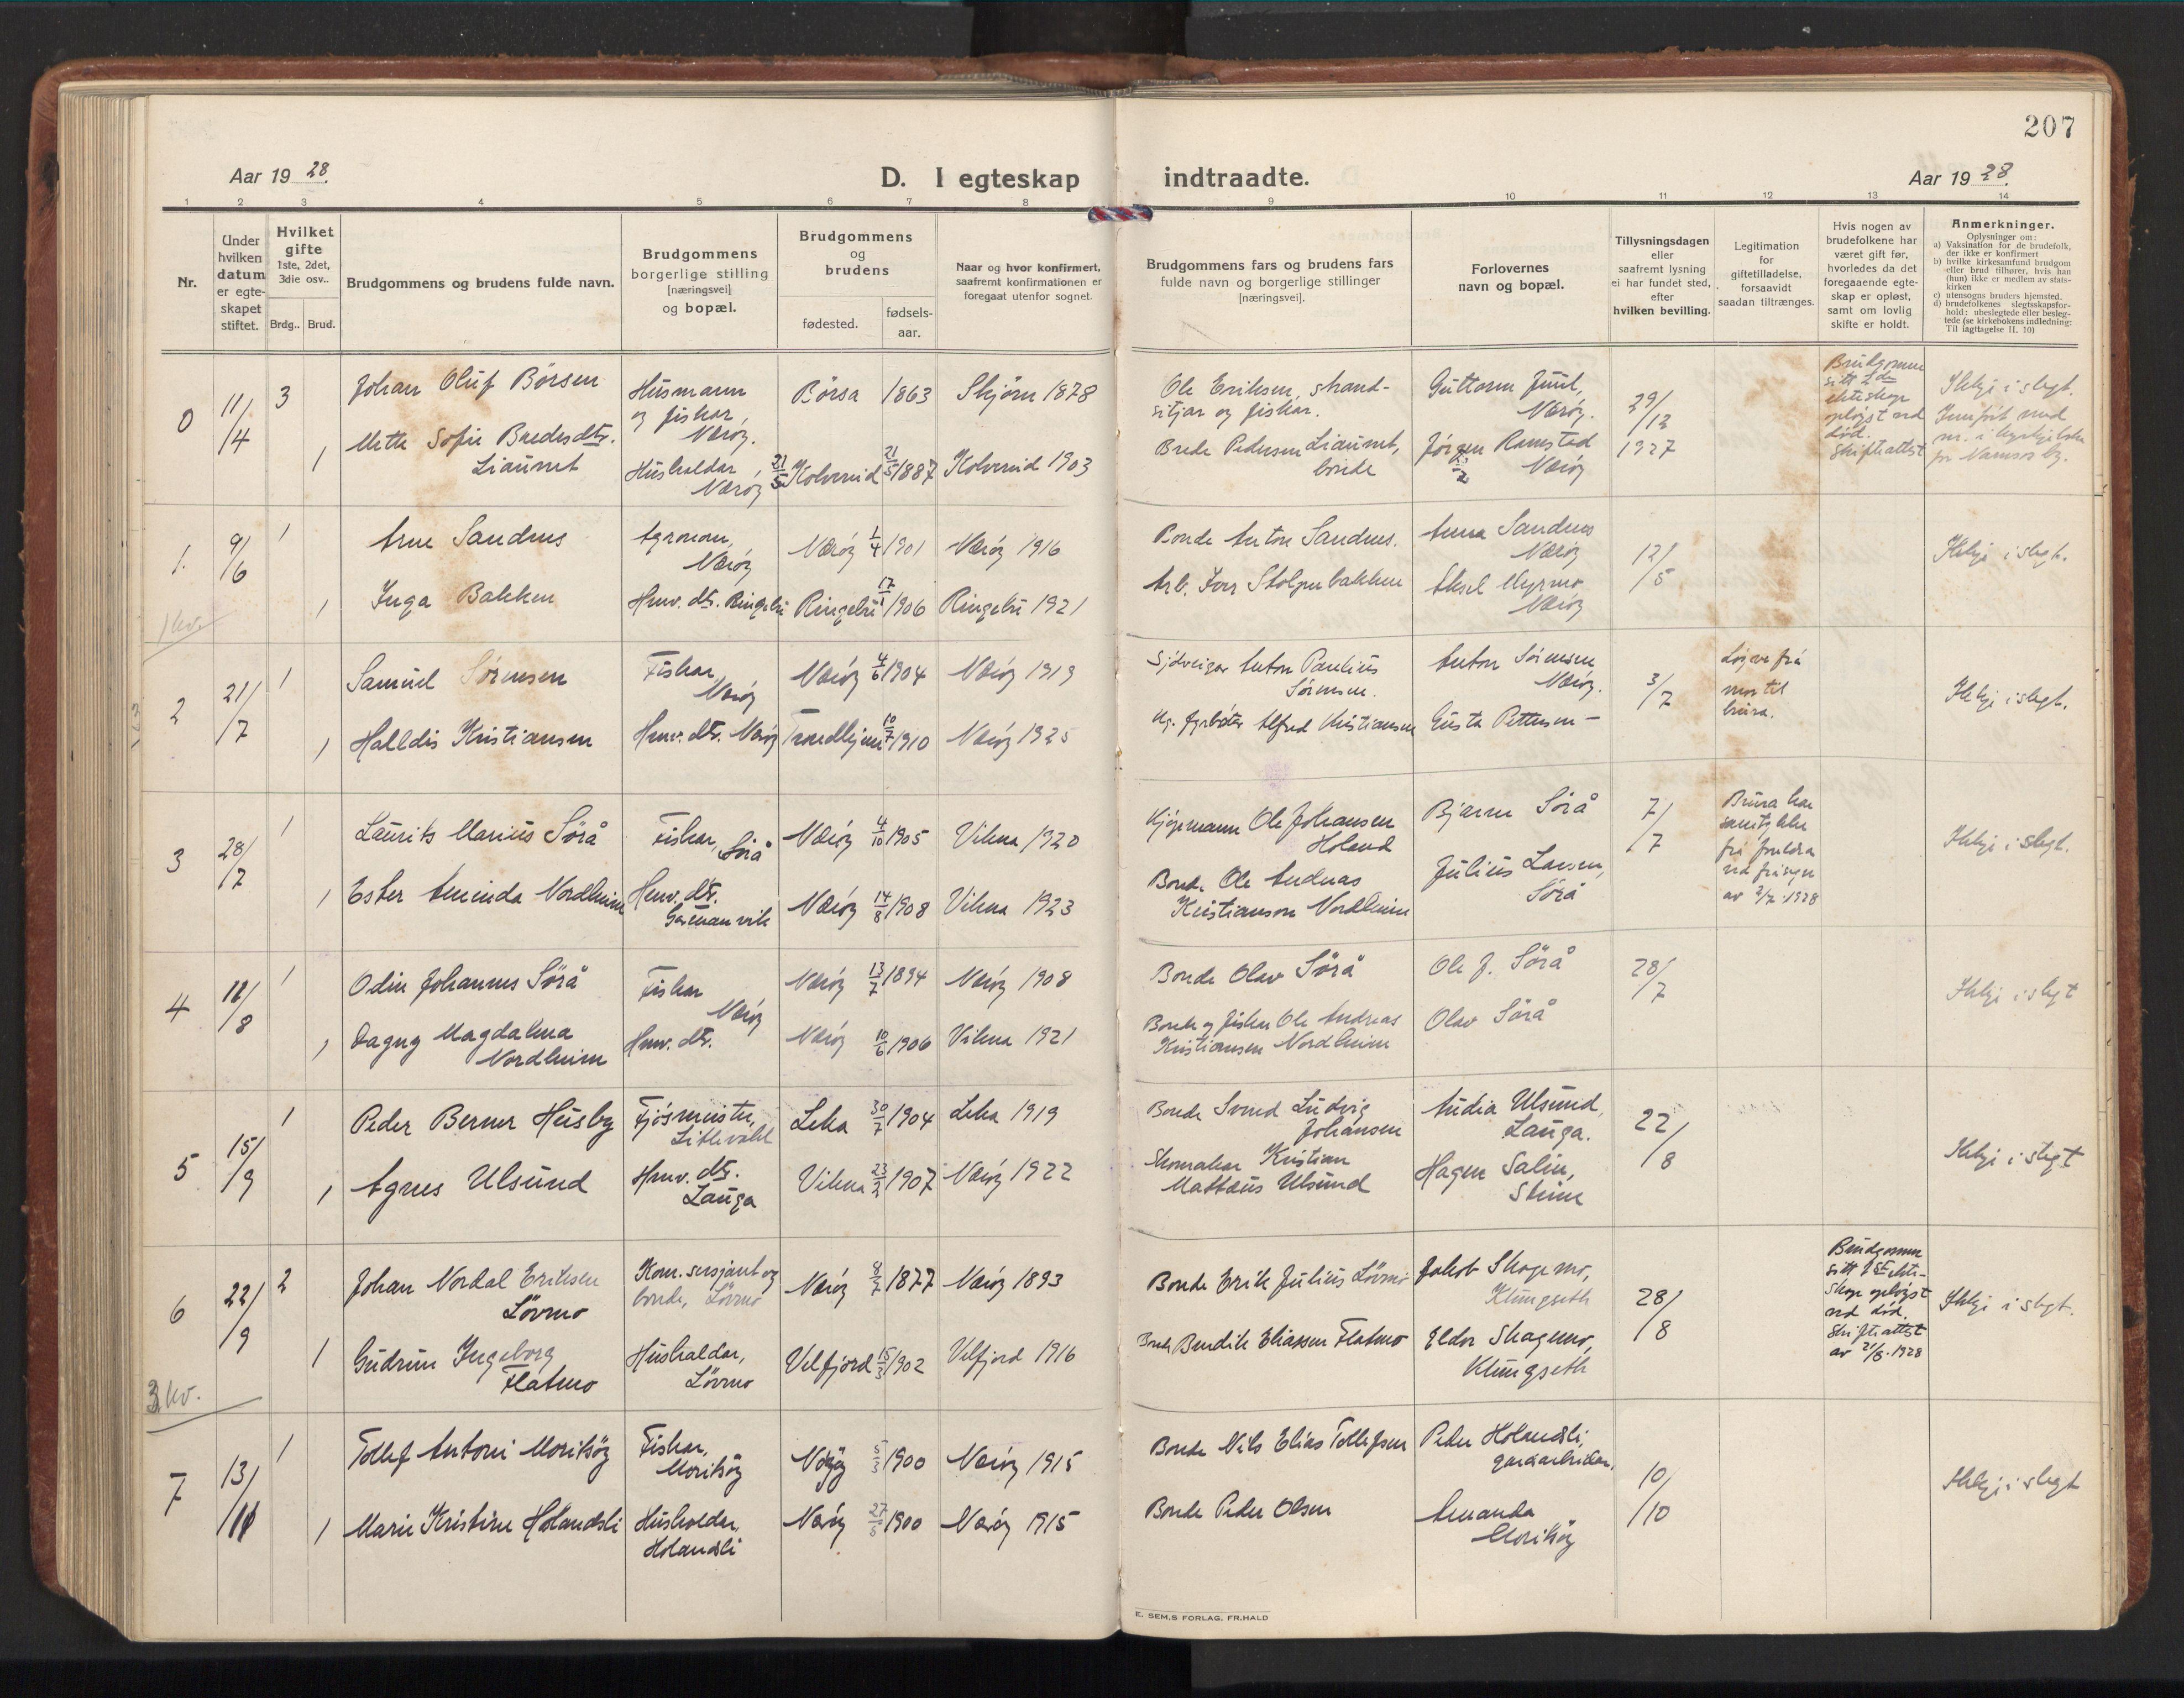 SAT, Ministerialprotokoller, klokkerbøker og fødselsregistre - Nord-Trøndelag, 784/L0678: Ministerialbok nr. 784A13, 1921-1938, s. 207